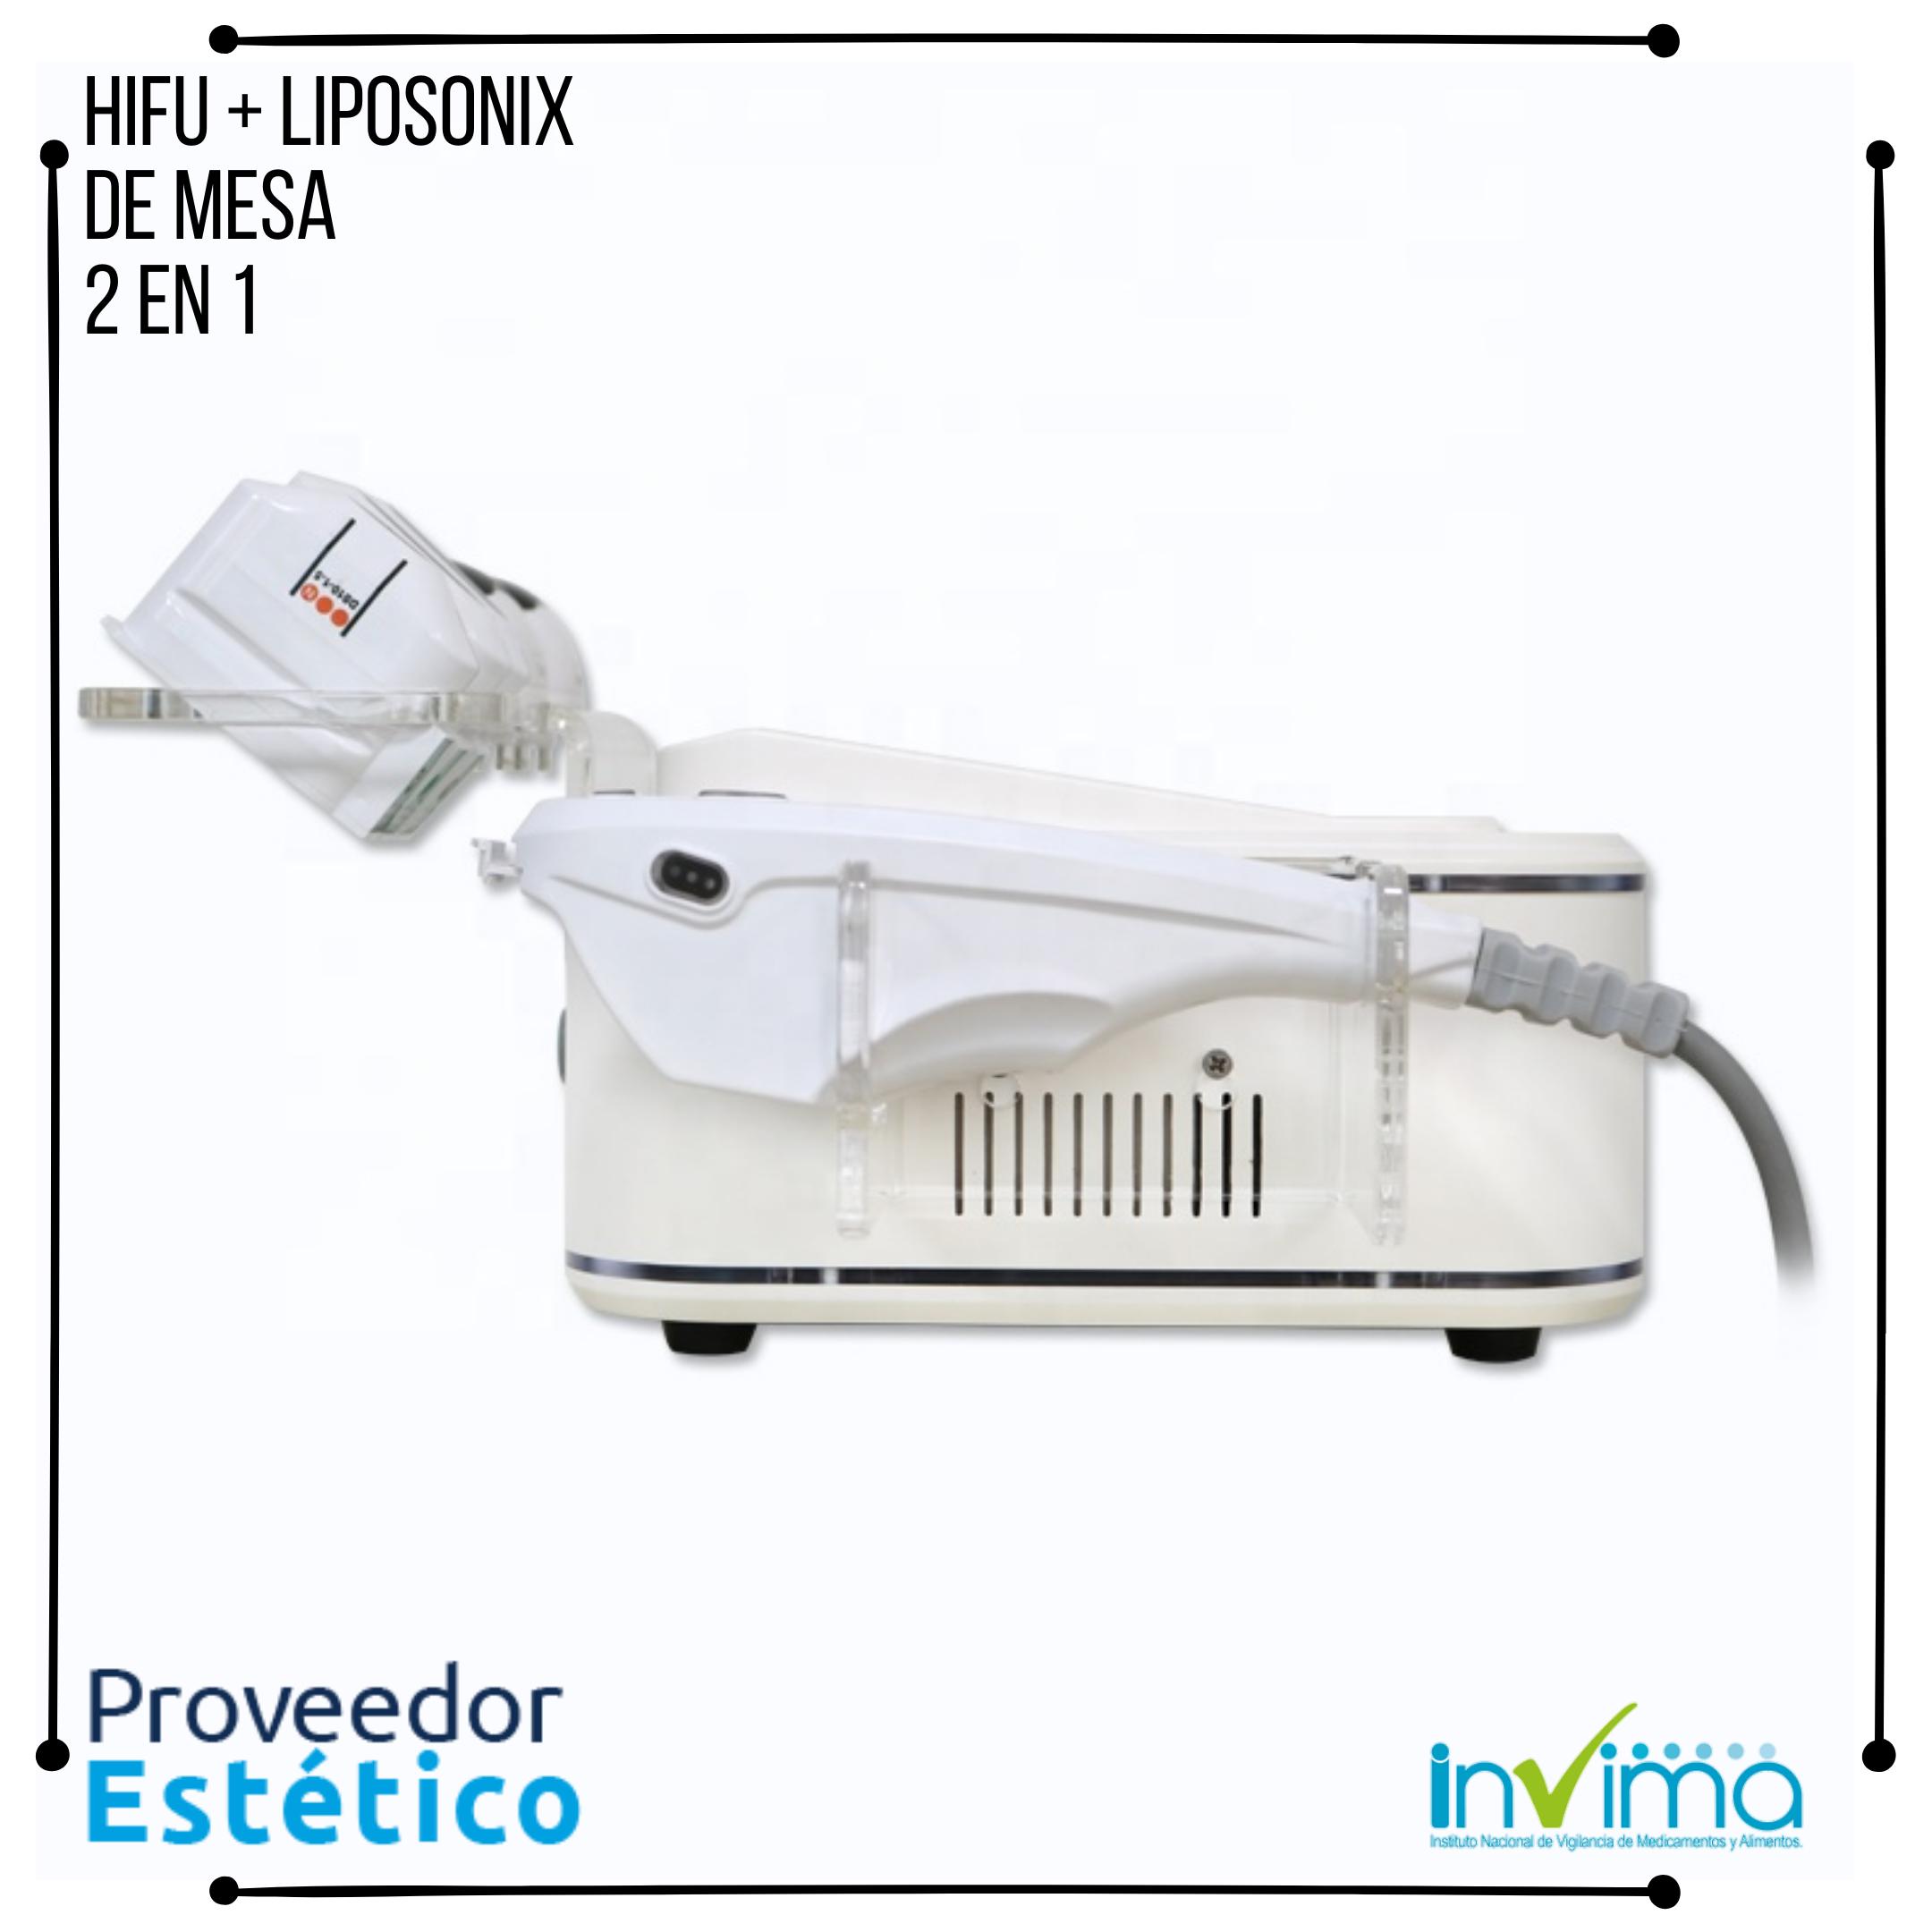 https://0201.nccdn.net/1_2/000/000/0d8/f91/hifu---liposonix-2-en-1-de-mesa---4-.png